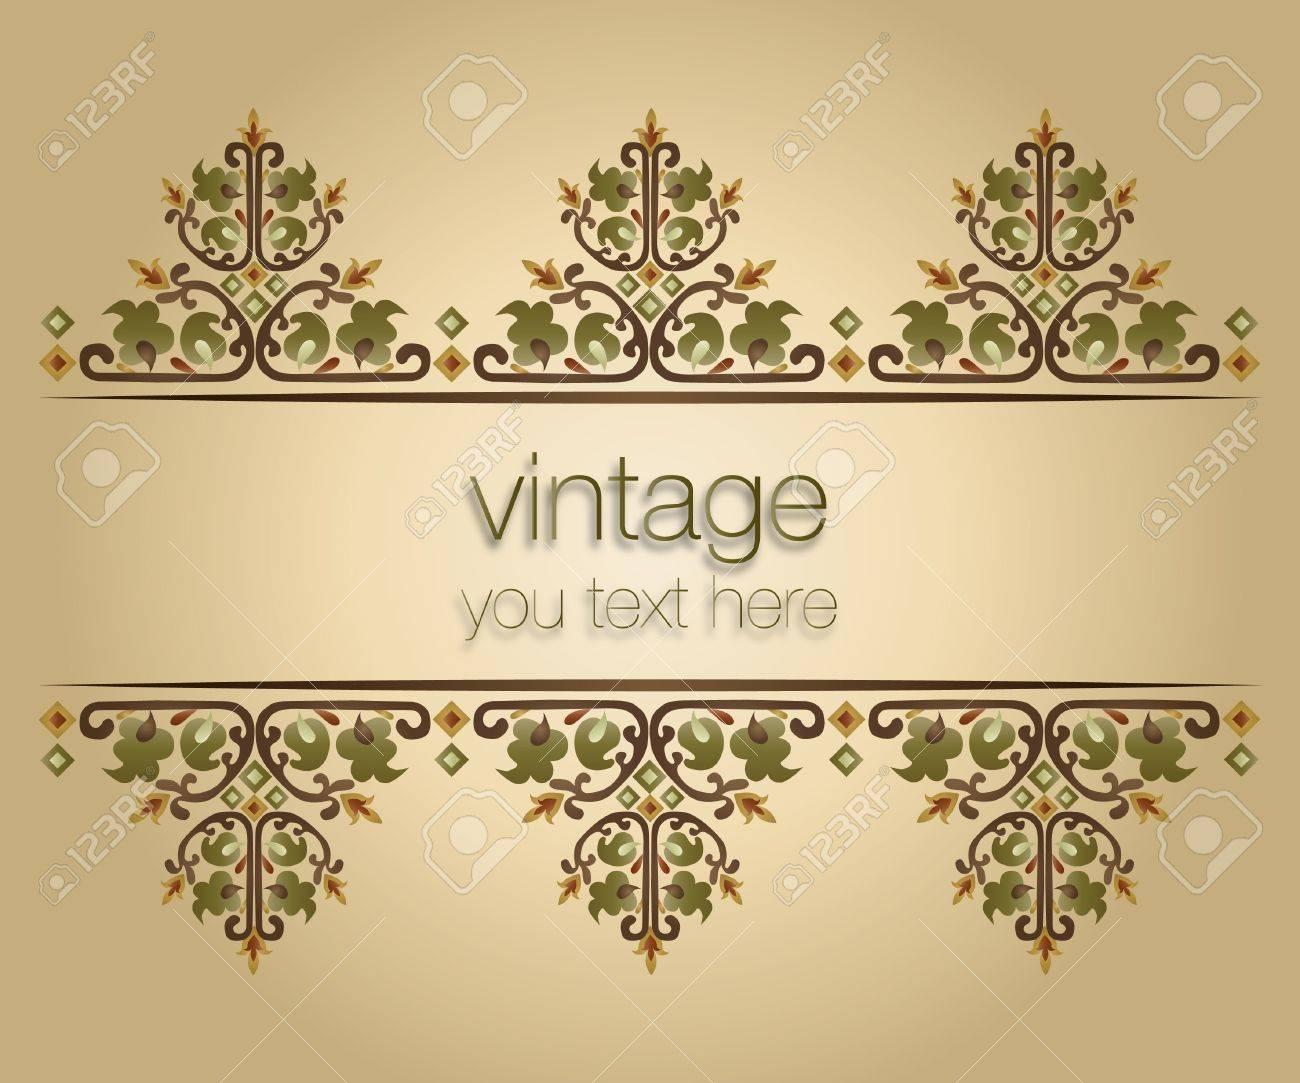 ornate vintage frames turkish design Stock Vector - 18020258